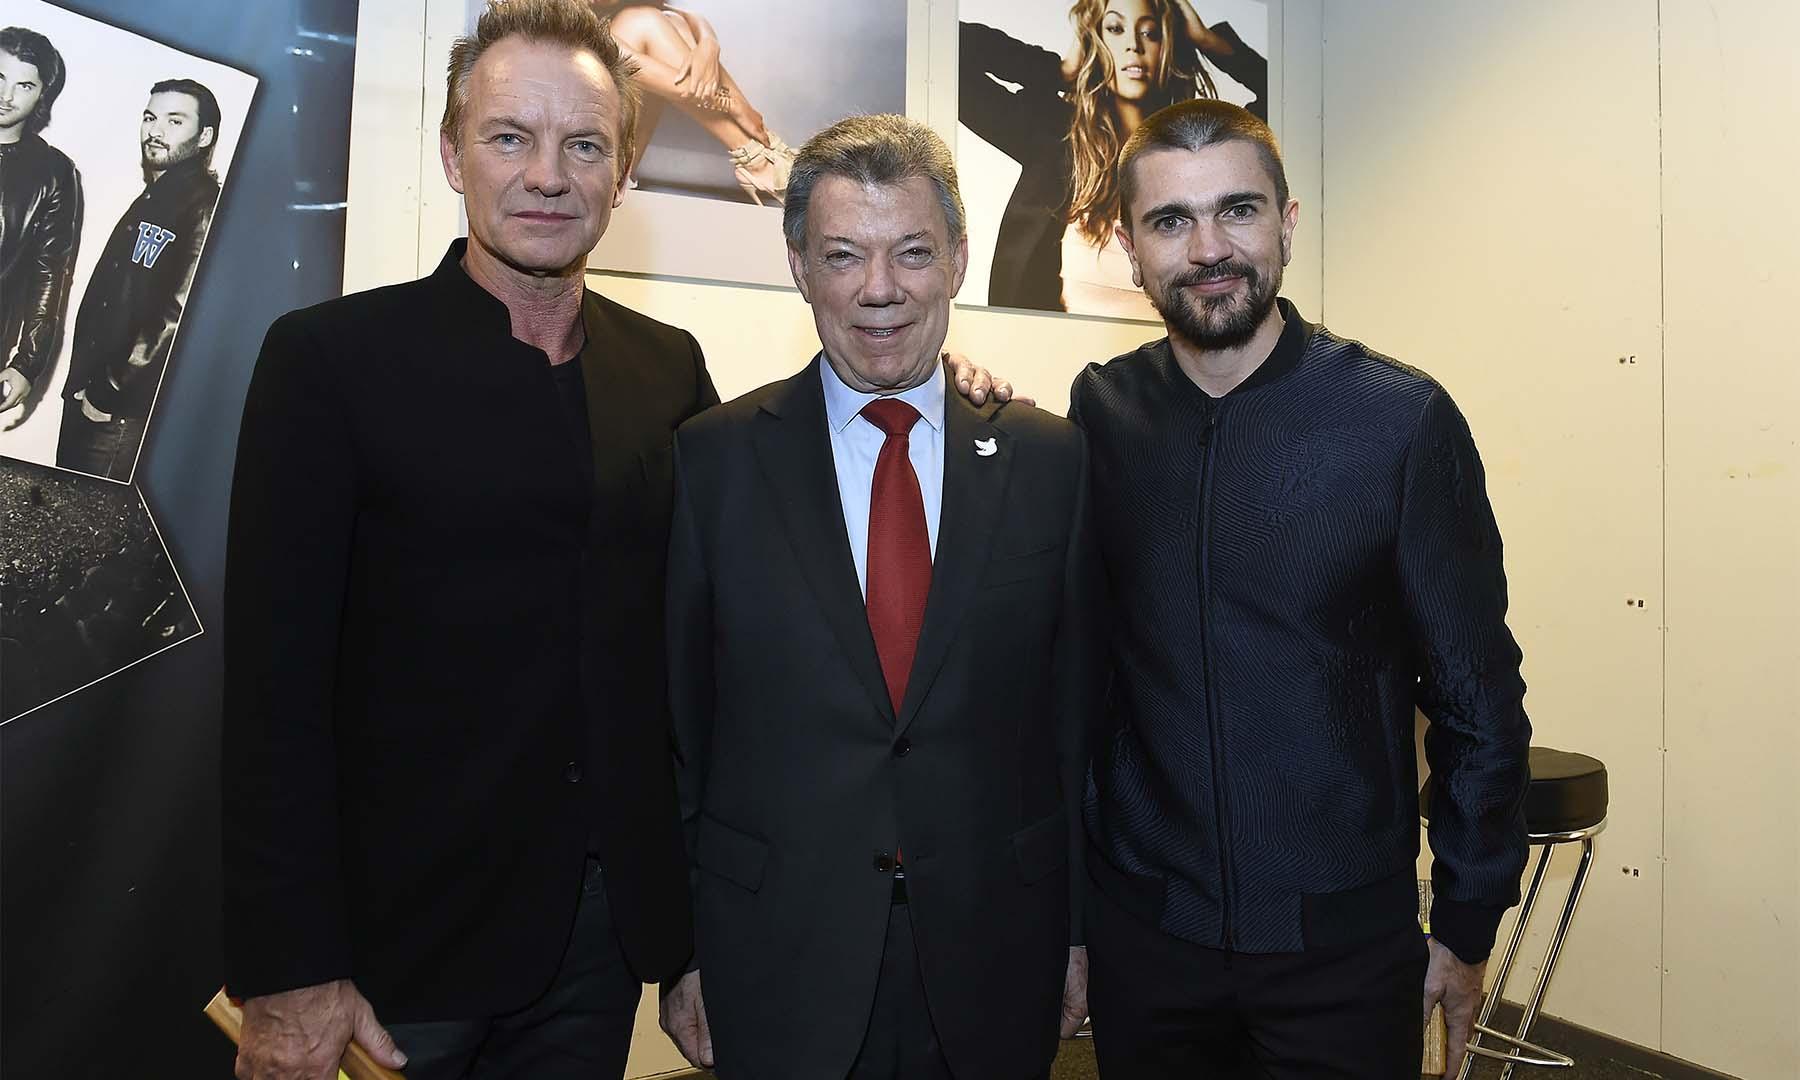 Visiblemente emocionado, el Presidente Juan Manuel Santos agradeció el concierto del Premio Nobel de Paz 2016, que ofrecieron en su honor los cantantes Sting y Juanes, entre otros artistas, en el teatro Telenor Arena.